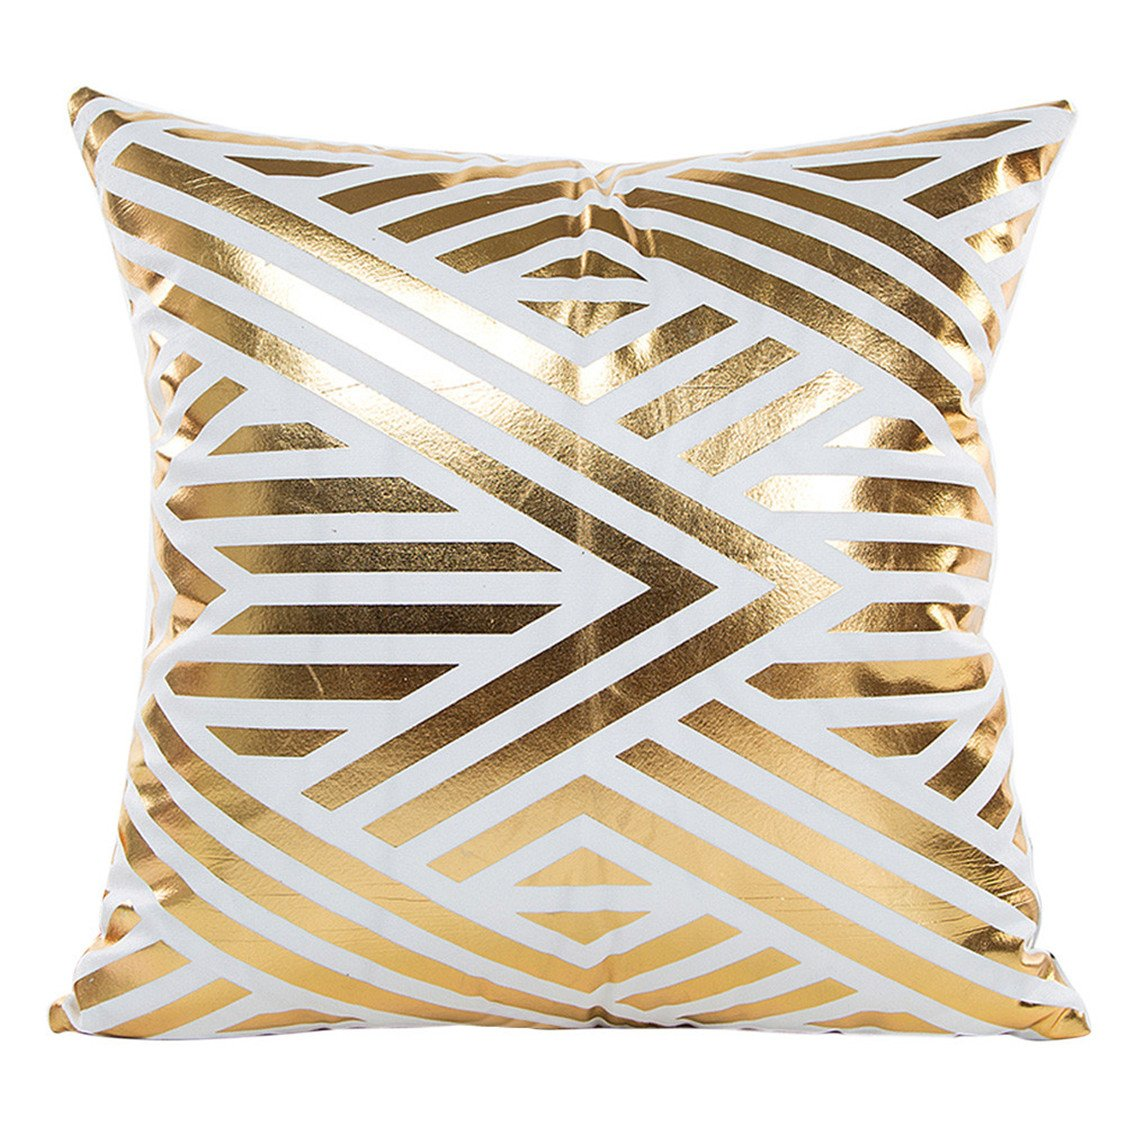 Gold Foil Printing Pillow Case, Tatis Waist Throw Cushion Cover (A)